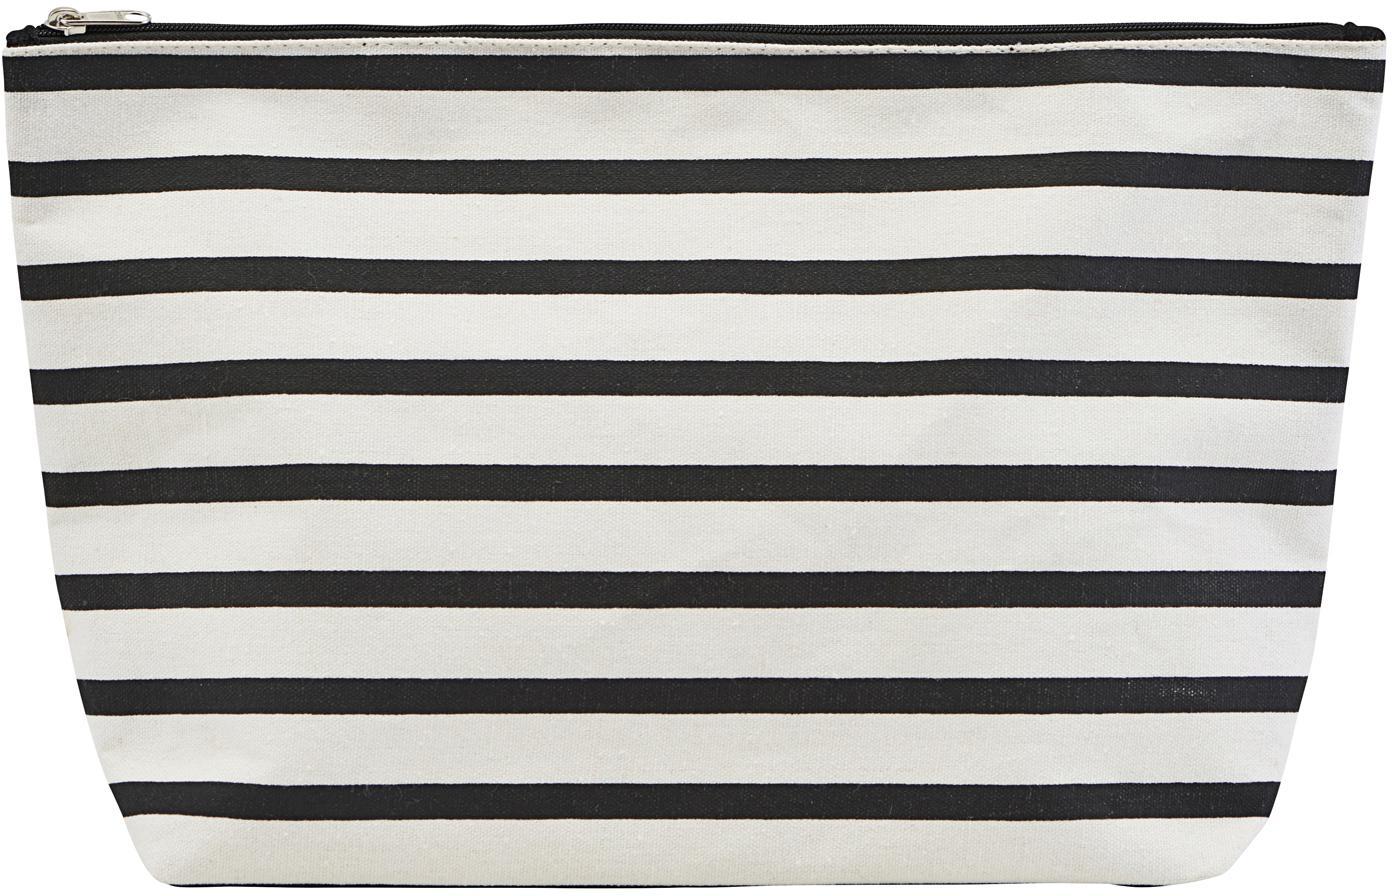 Kosmetiktasche Stripes mit Reissverschluss, 38%Baumwolle, 40%Polyester, 22%Rayon, Schwarz, Weiss, 32 x 20 cm